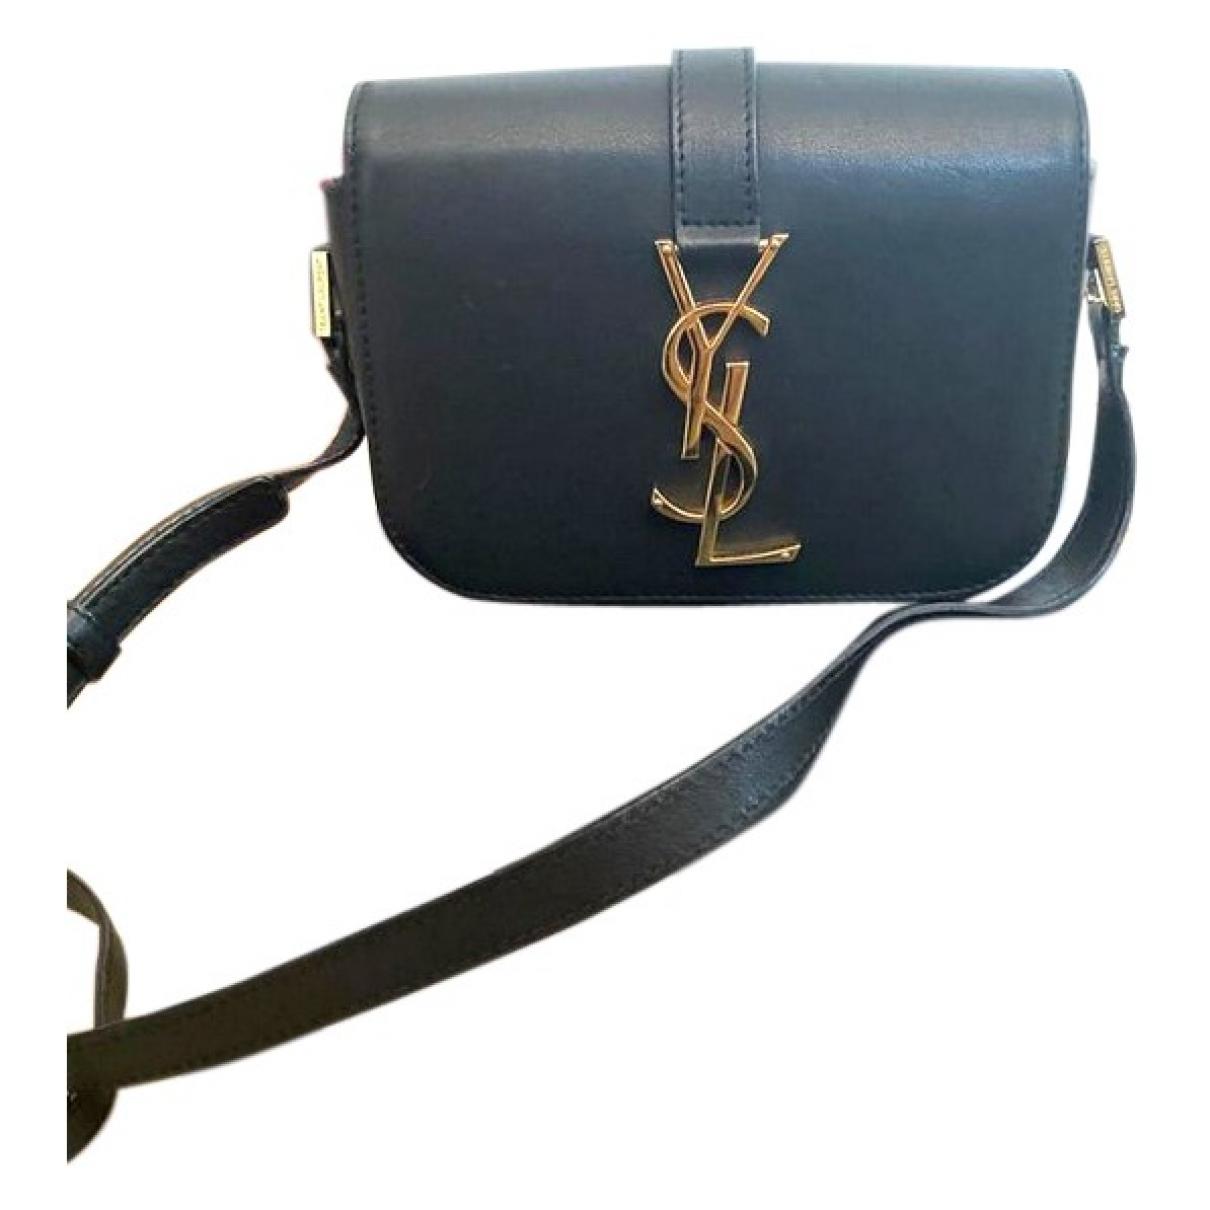 Saint Laurent Universite Handtasche in  Schwarz Leder